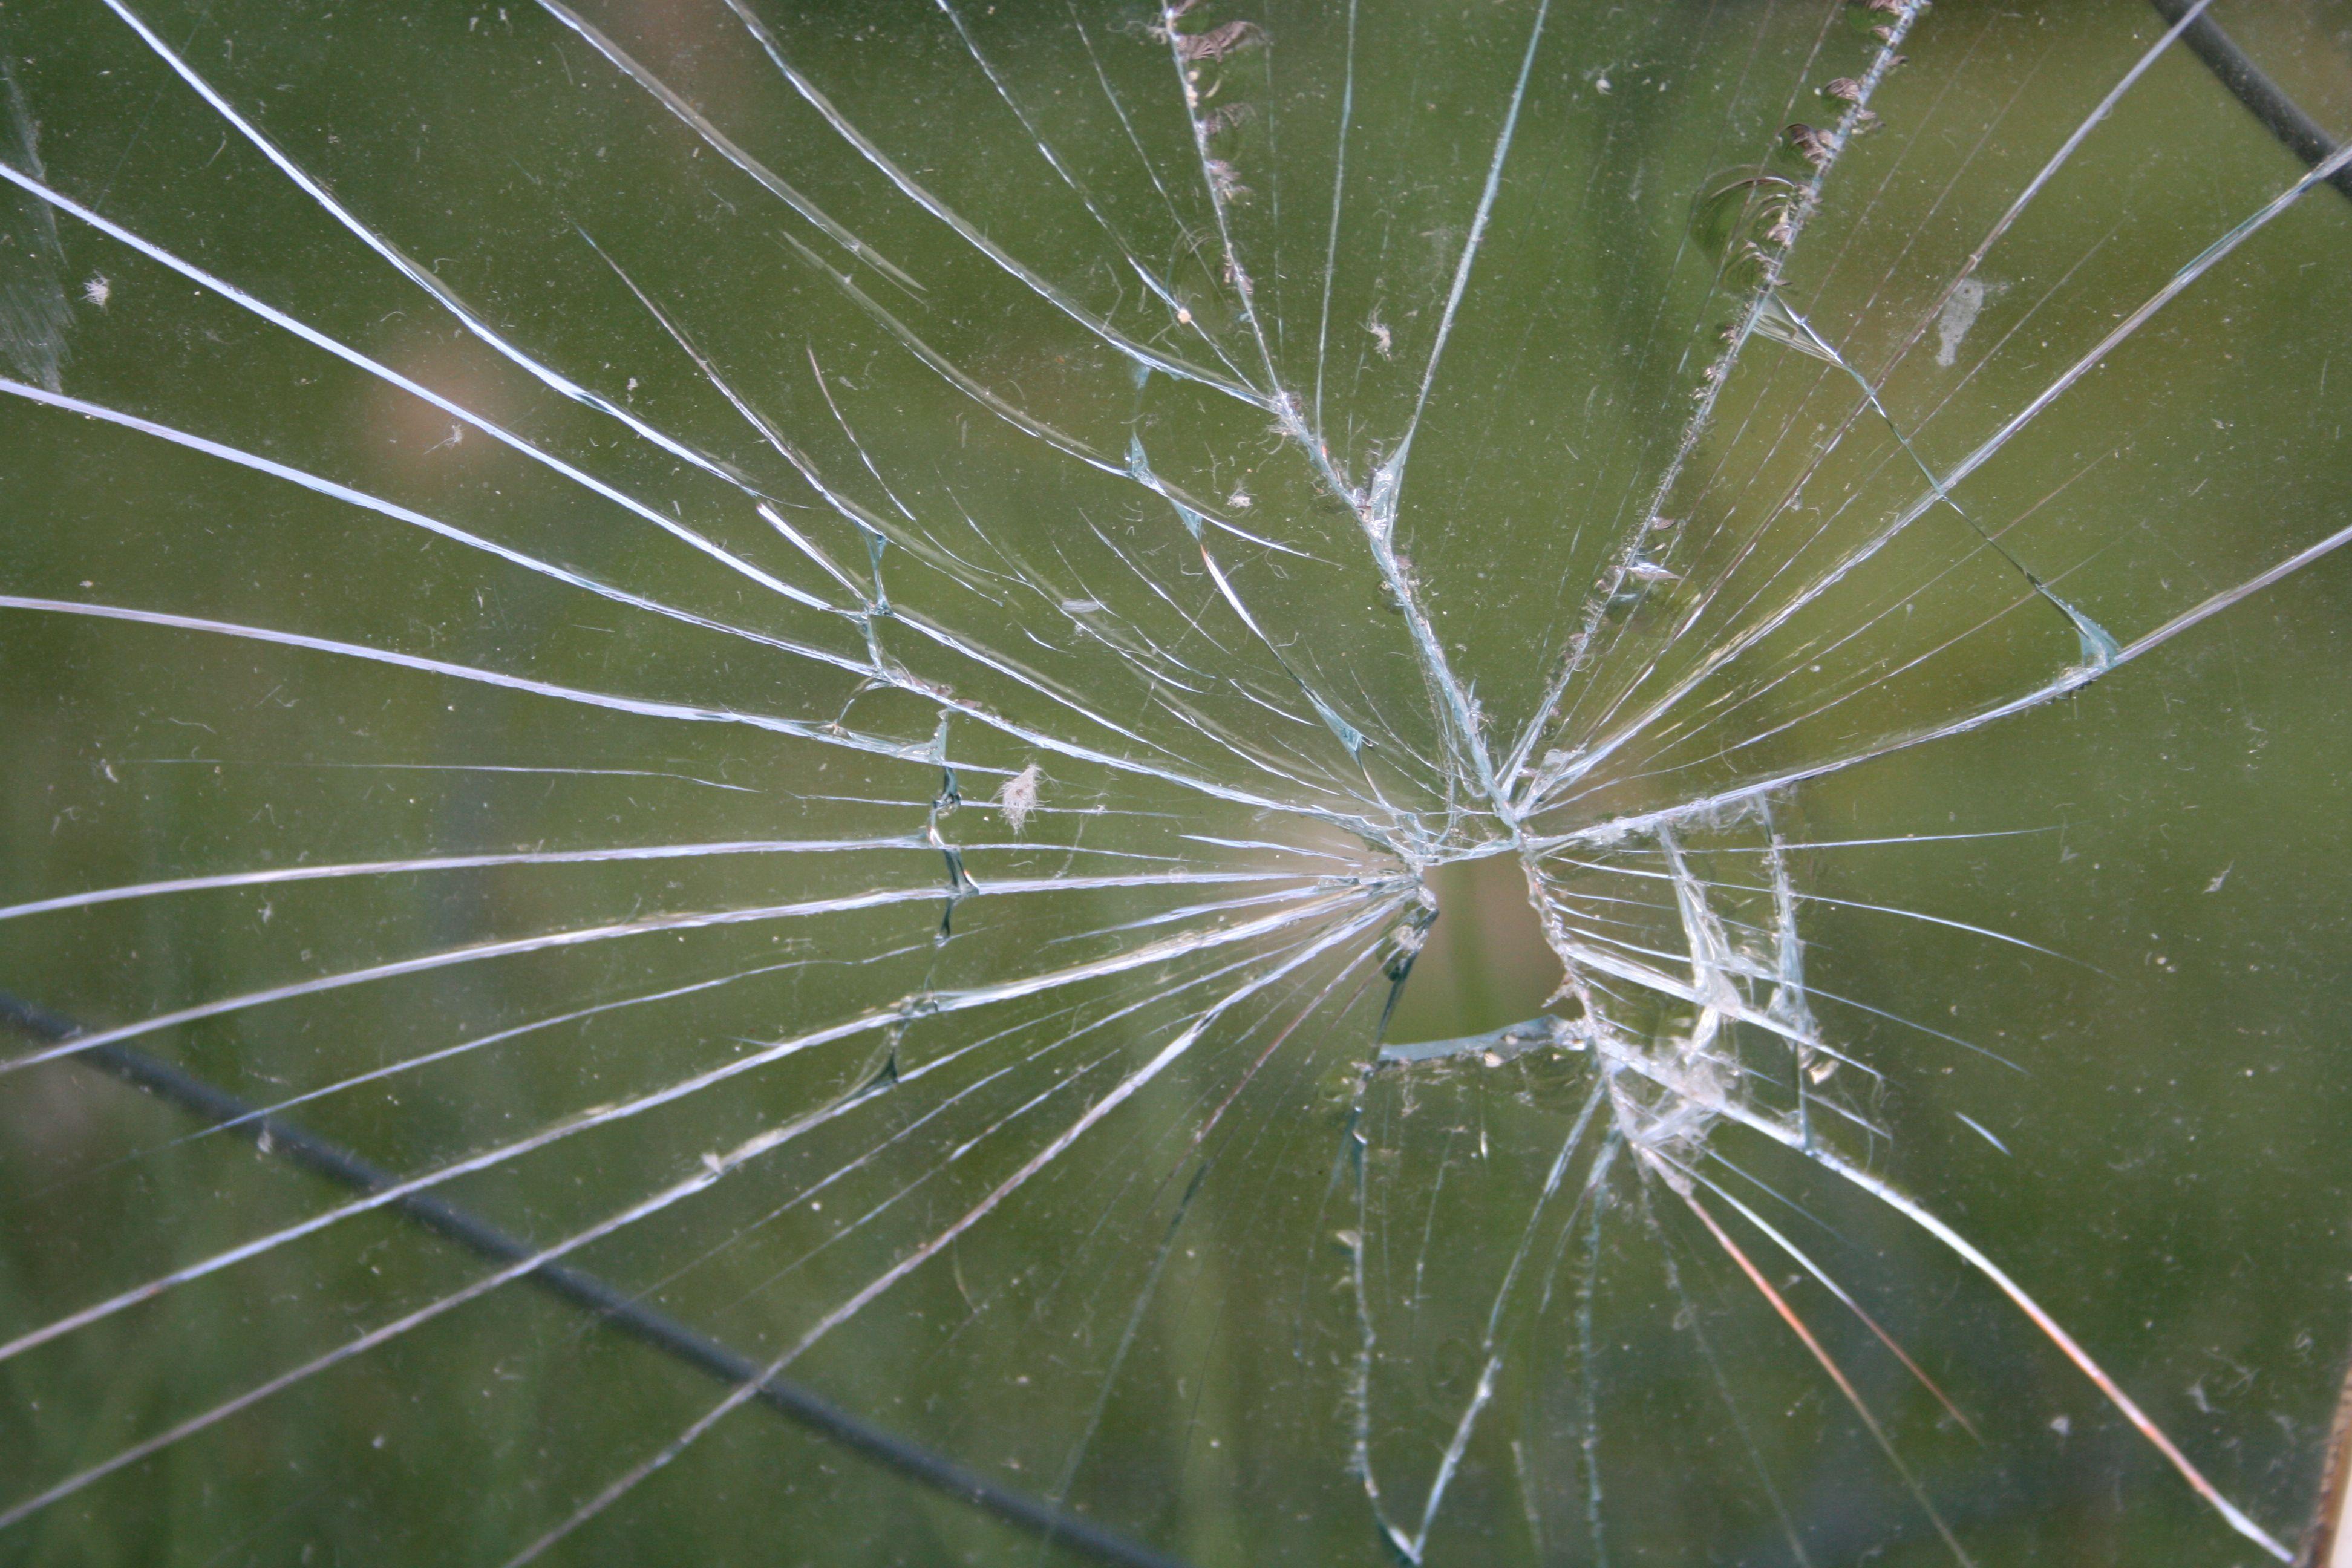 фото разбитого стекла обои уже писали